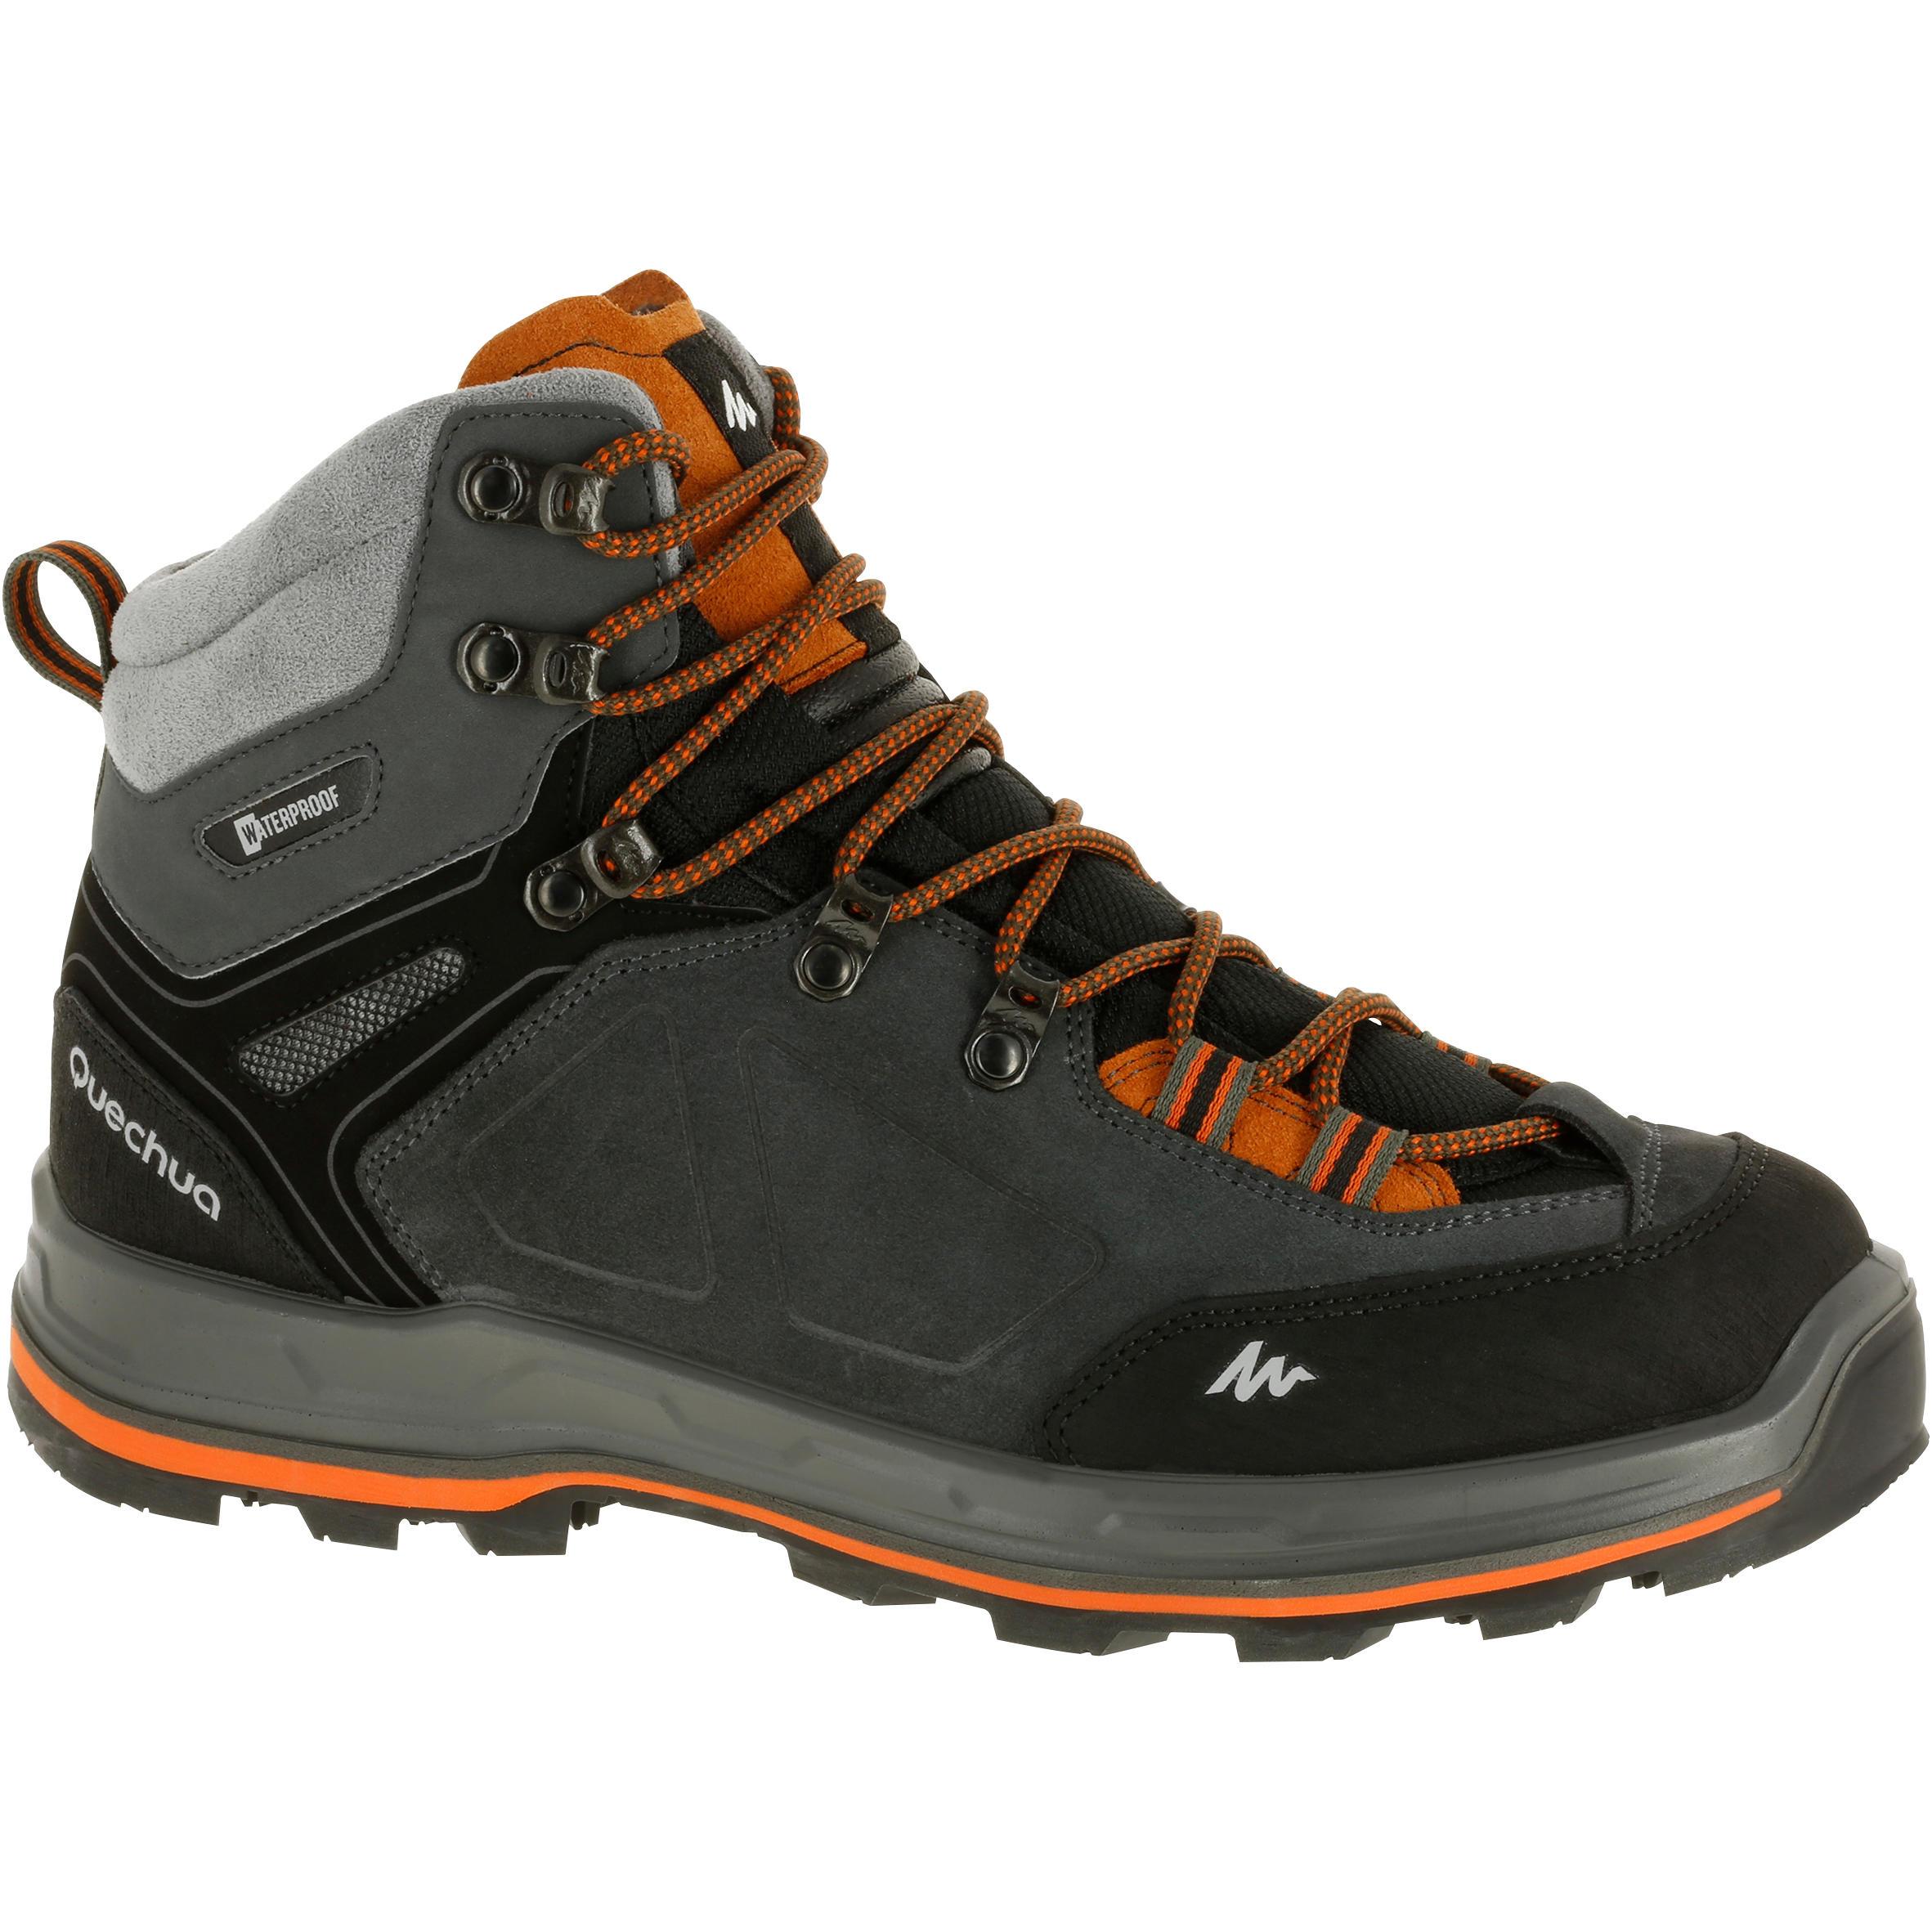 Men's TREK 100 trekking shoes